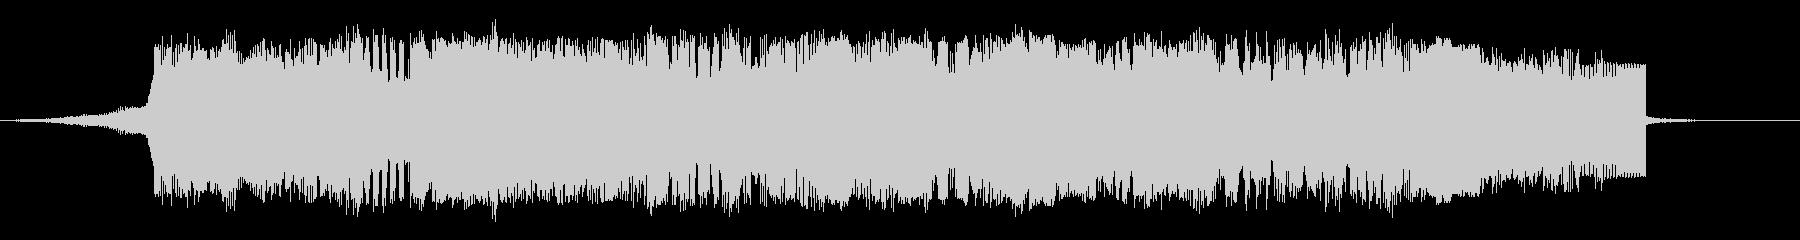 スイープセレーションの未再生の波形